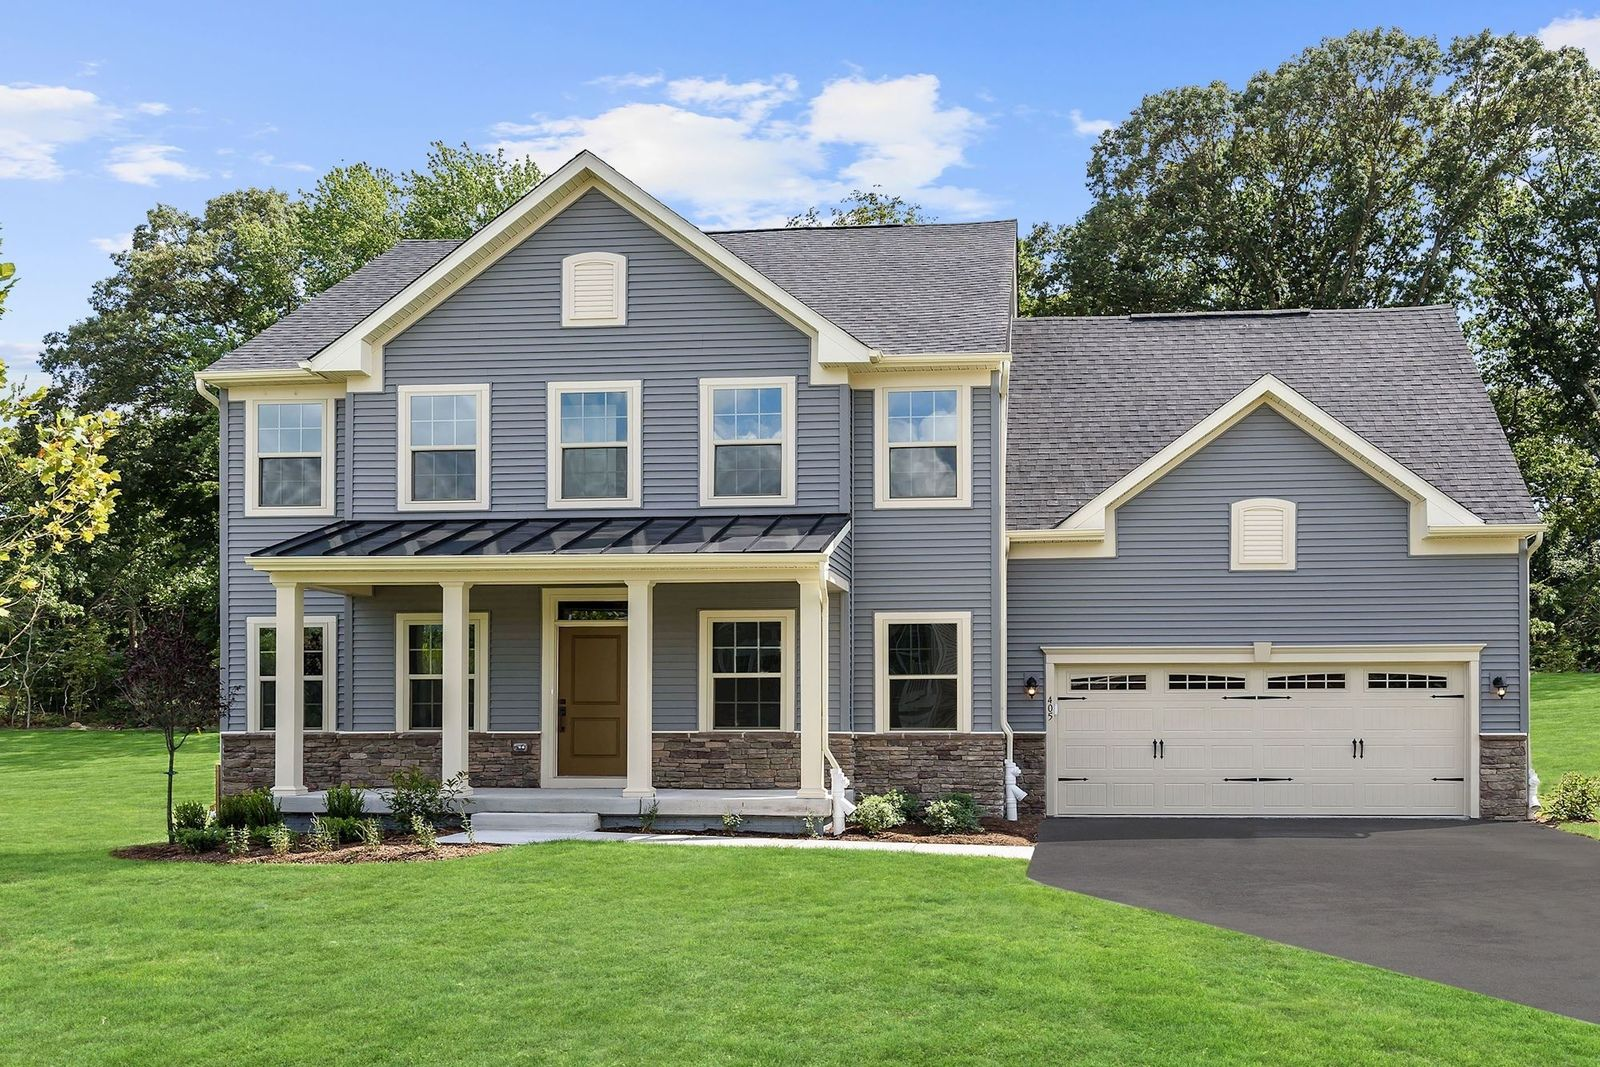 Single Family for Active at Lake Linganore Woodridge - Powell 6887 Woodridge Rd New Market, Maryland 21774 United States